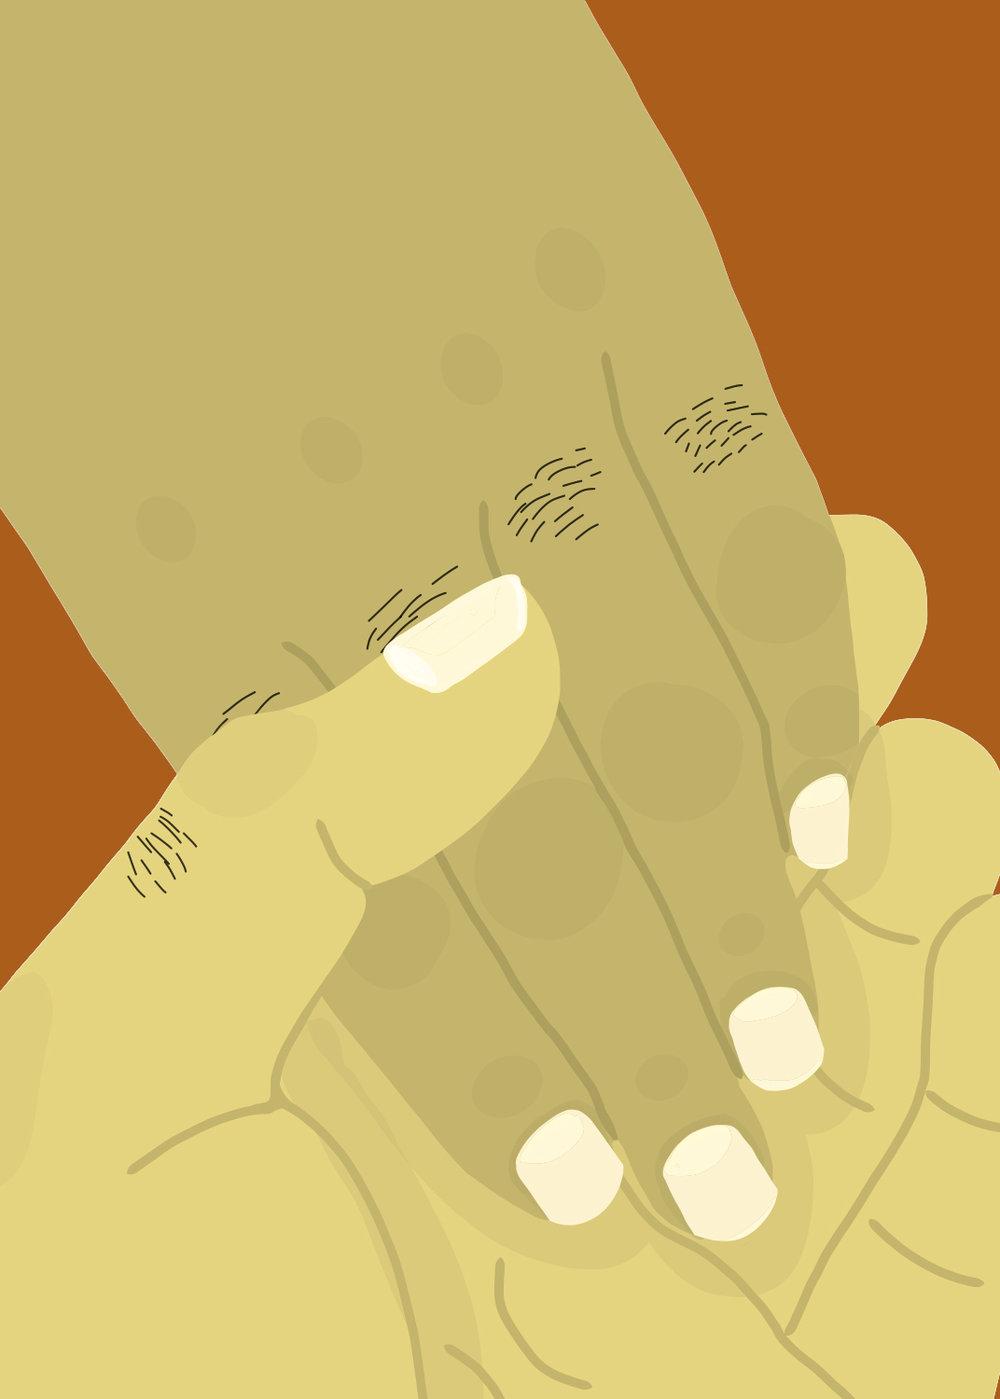 hands_gn.jpg